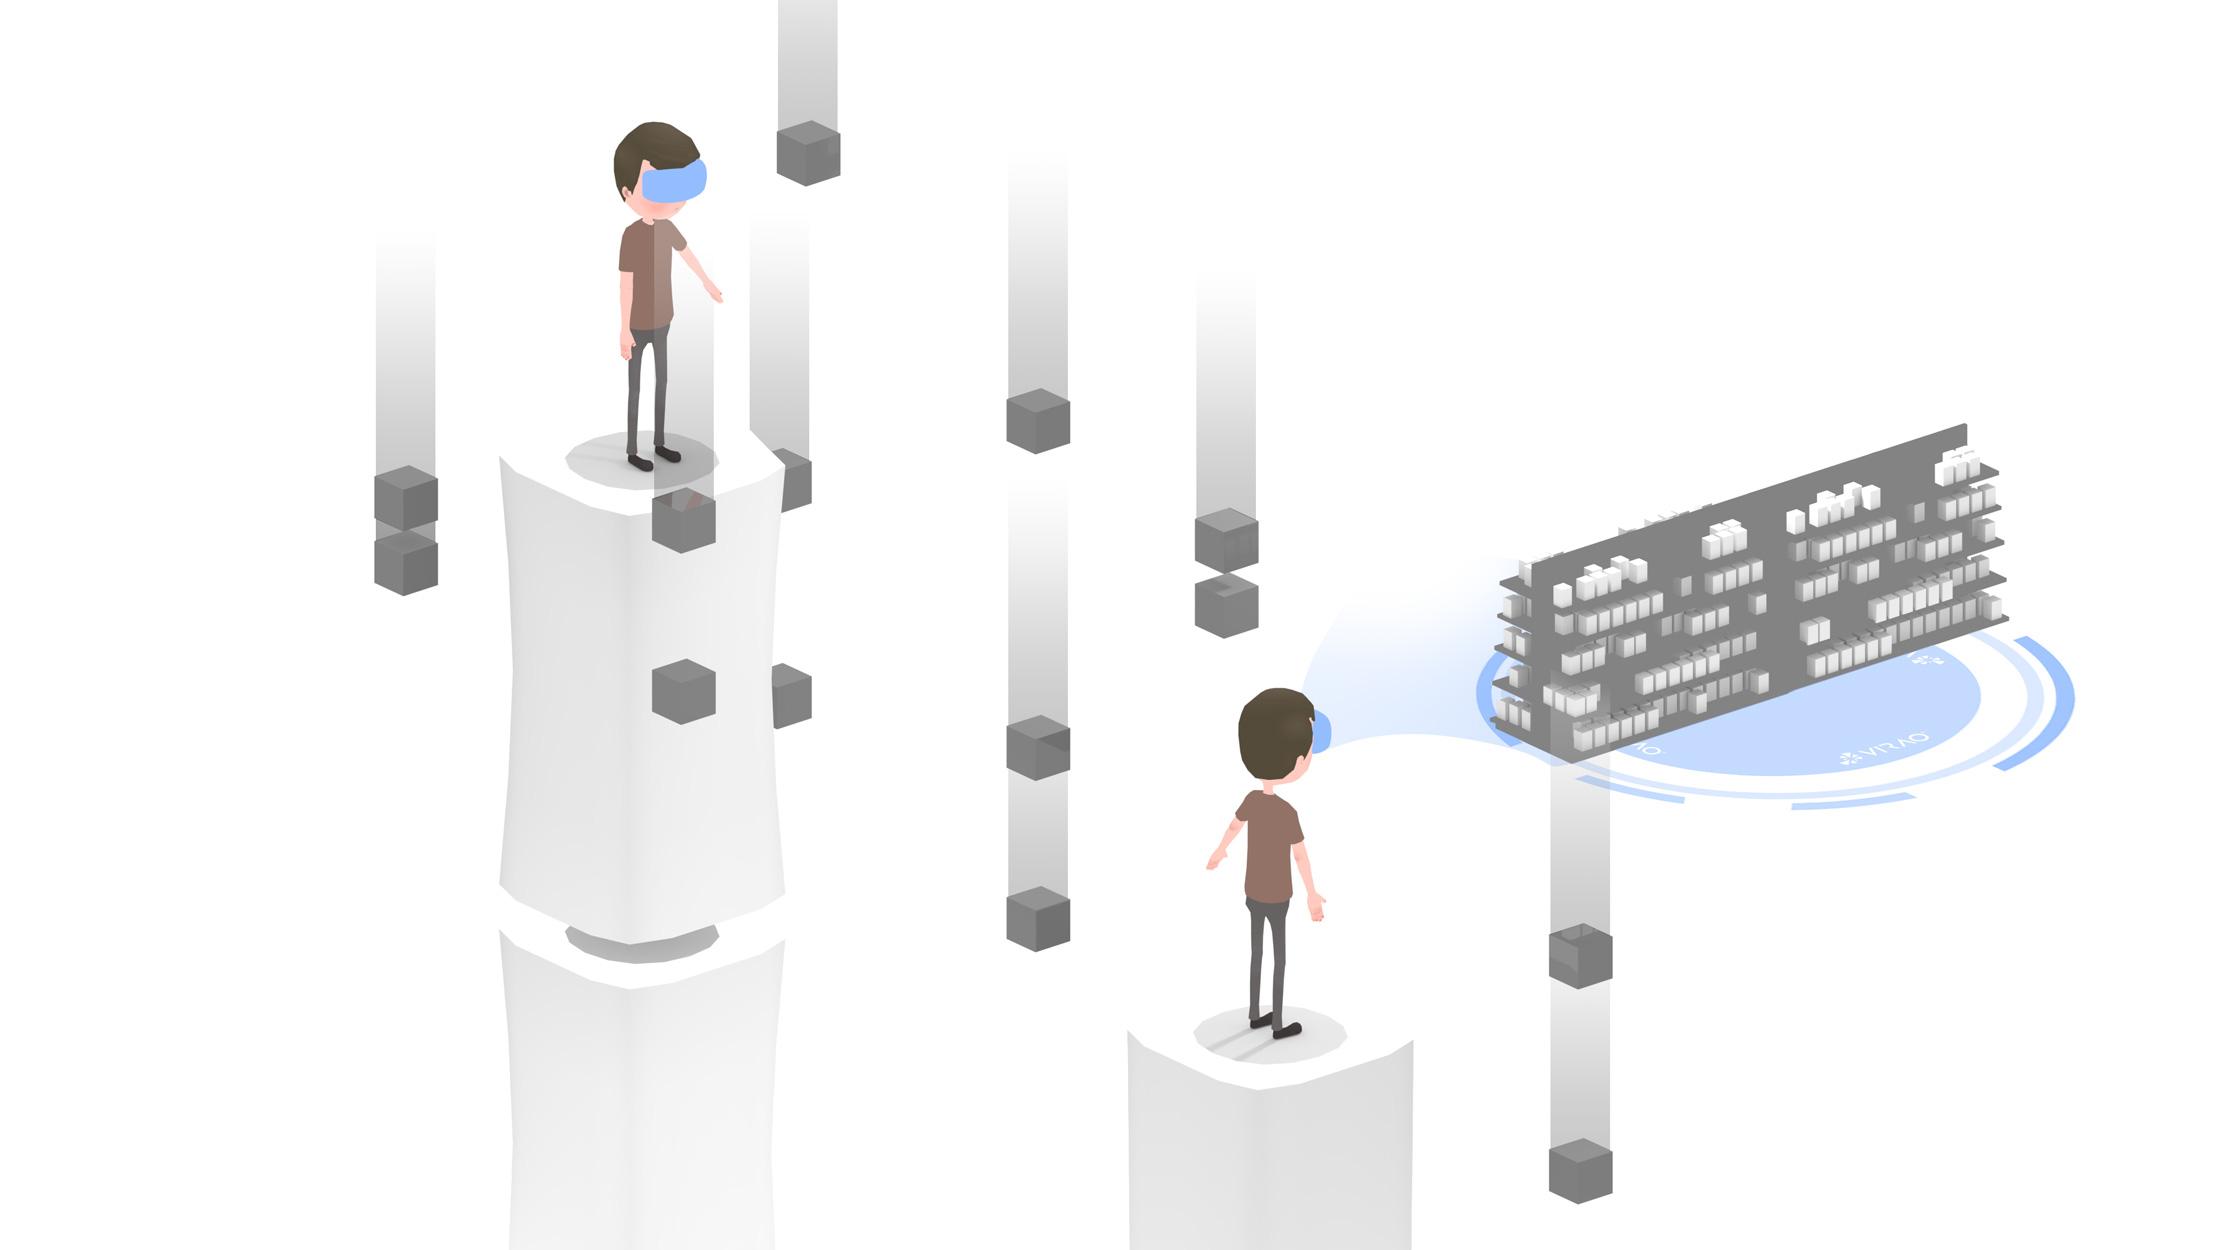 XR: Extended Reality - Erweiterte Realitäten als B2B-Werkzeug mit VIRAO gezielt anwenden. Vom Retail, über den POS bis hin zu Bildungslösungen - VIRAO ist Ihr kompetenter Partner.